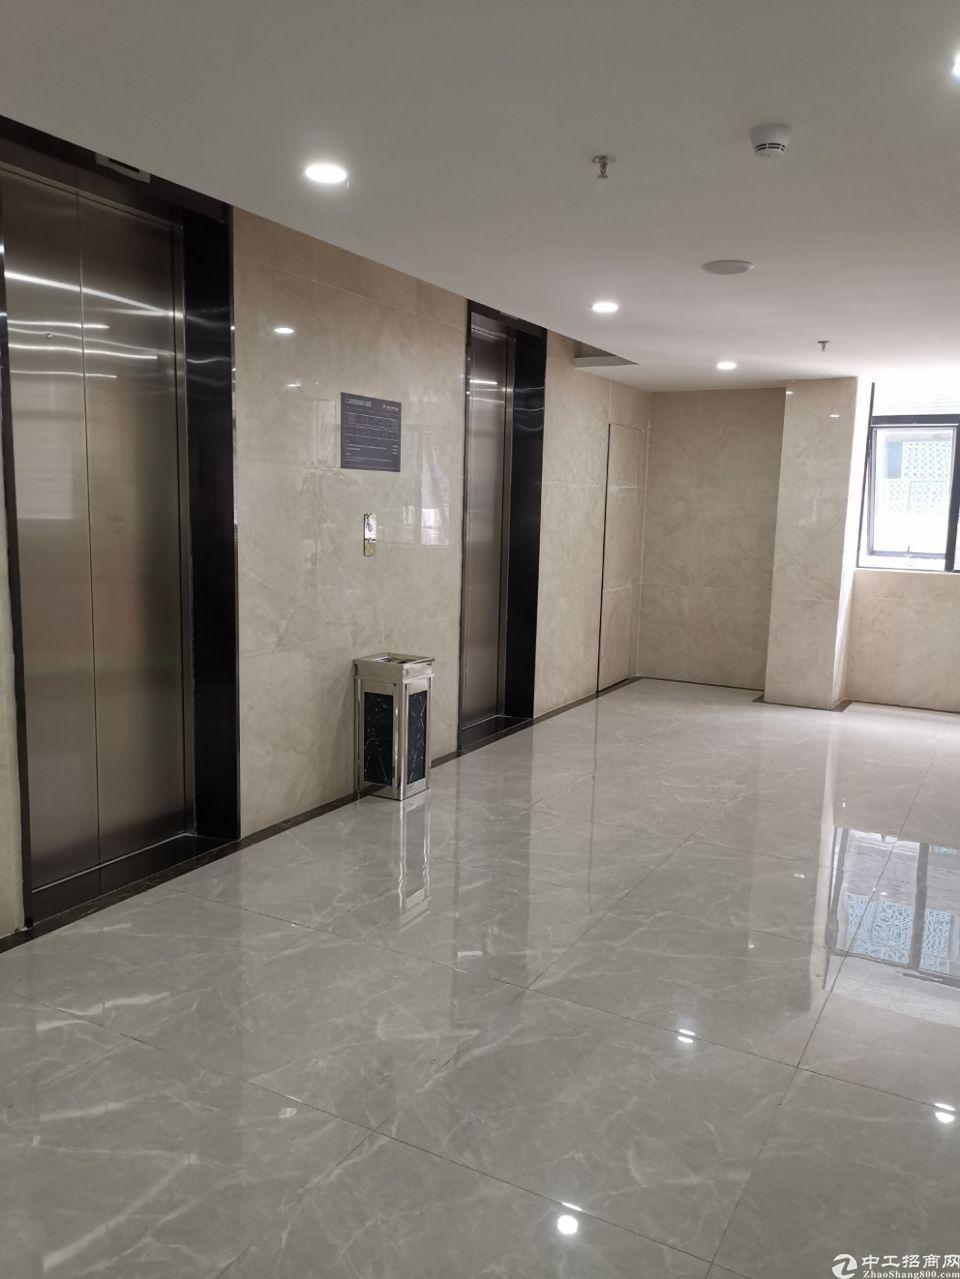 福永桥头地铁站附近楼上150平方办公室出租